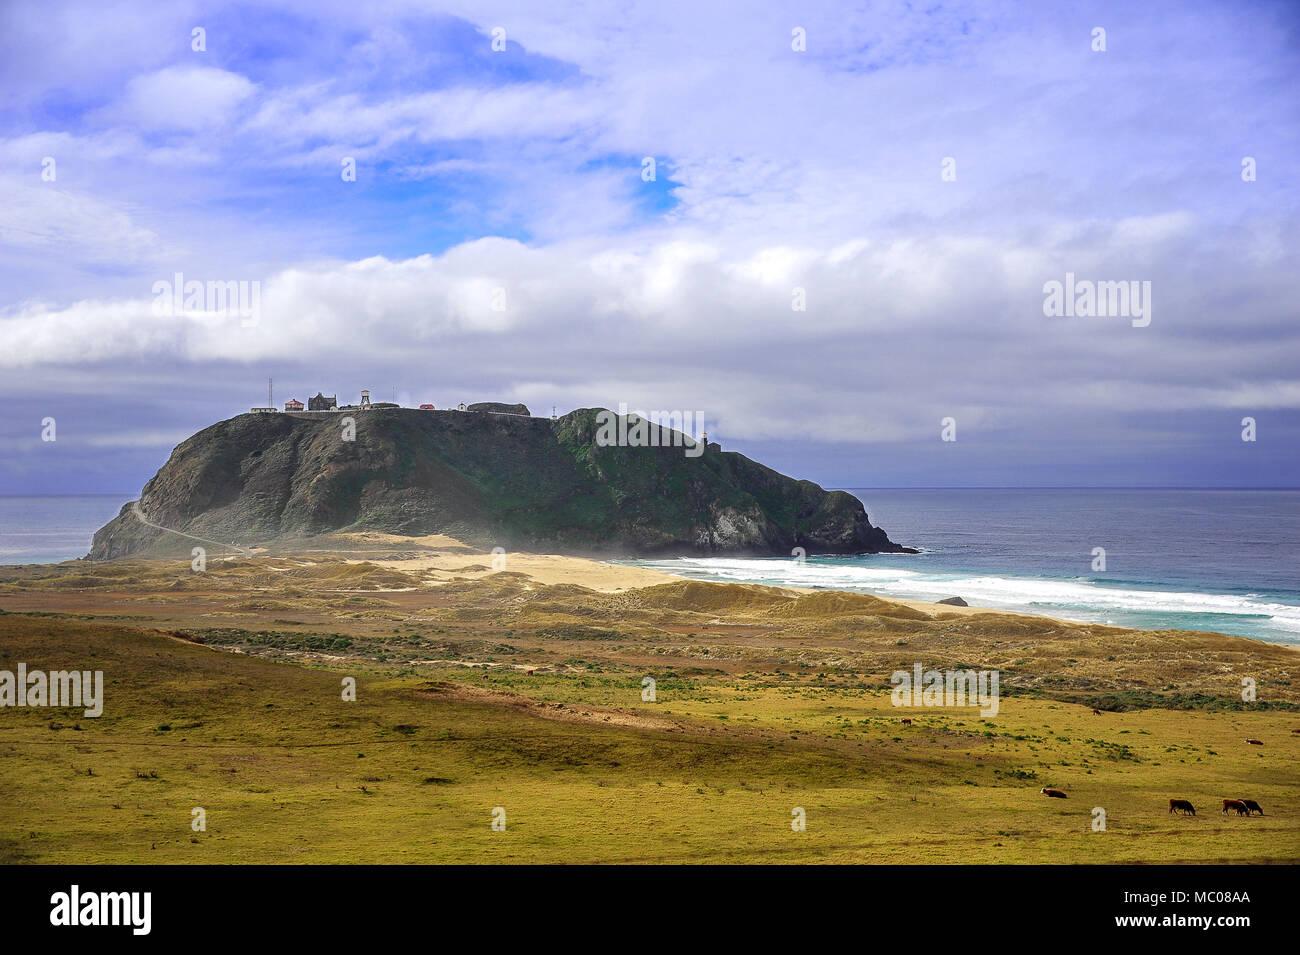 La pintoresca escena de faro de Point Sur Cabrillo Highway con césped verde en primer plano, mar turquesa y cielo nublado Imagen De Stock